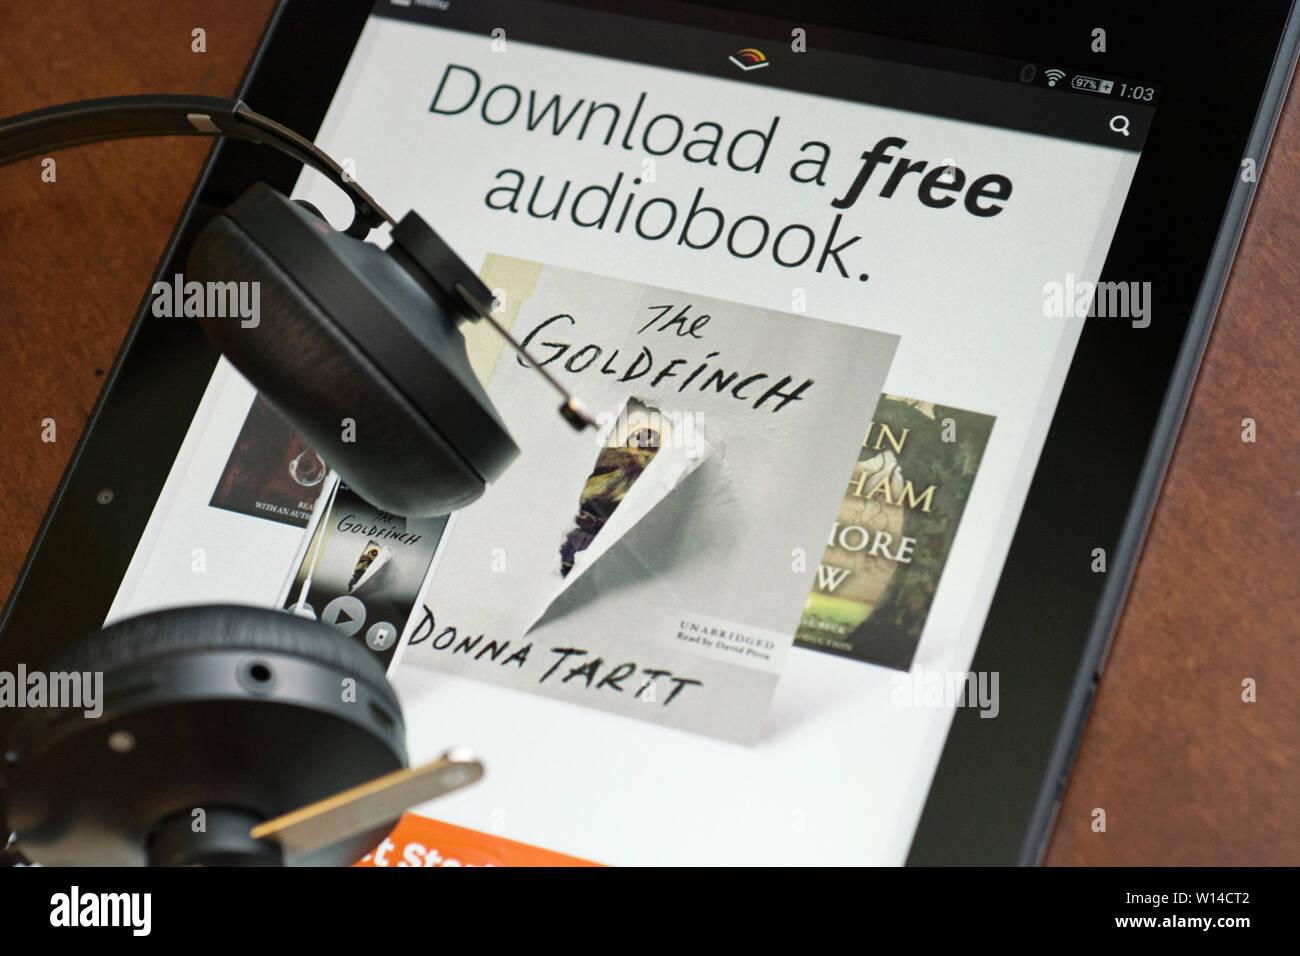 Site Web Audible sur tablette, offre de télécharger gratuitement un livre audio Photo Stock